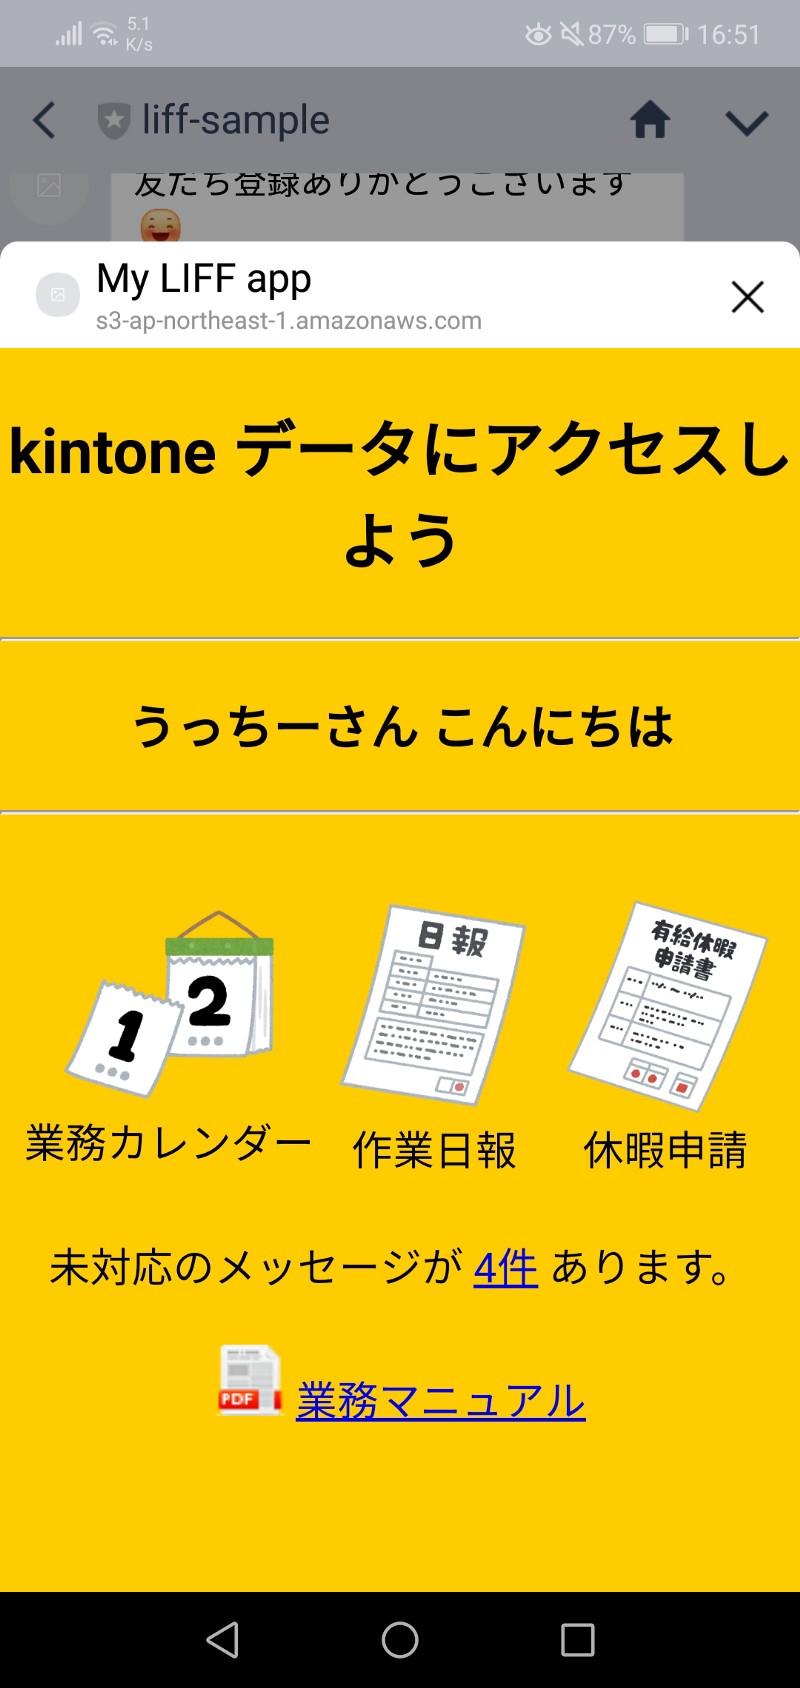 kintone データにアクセスする LIFF アプリ。画像は いらすとやさんからお借りしました。